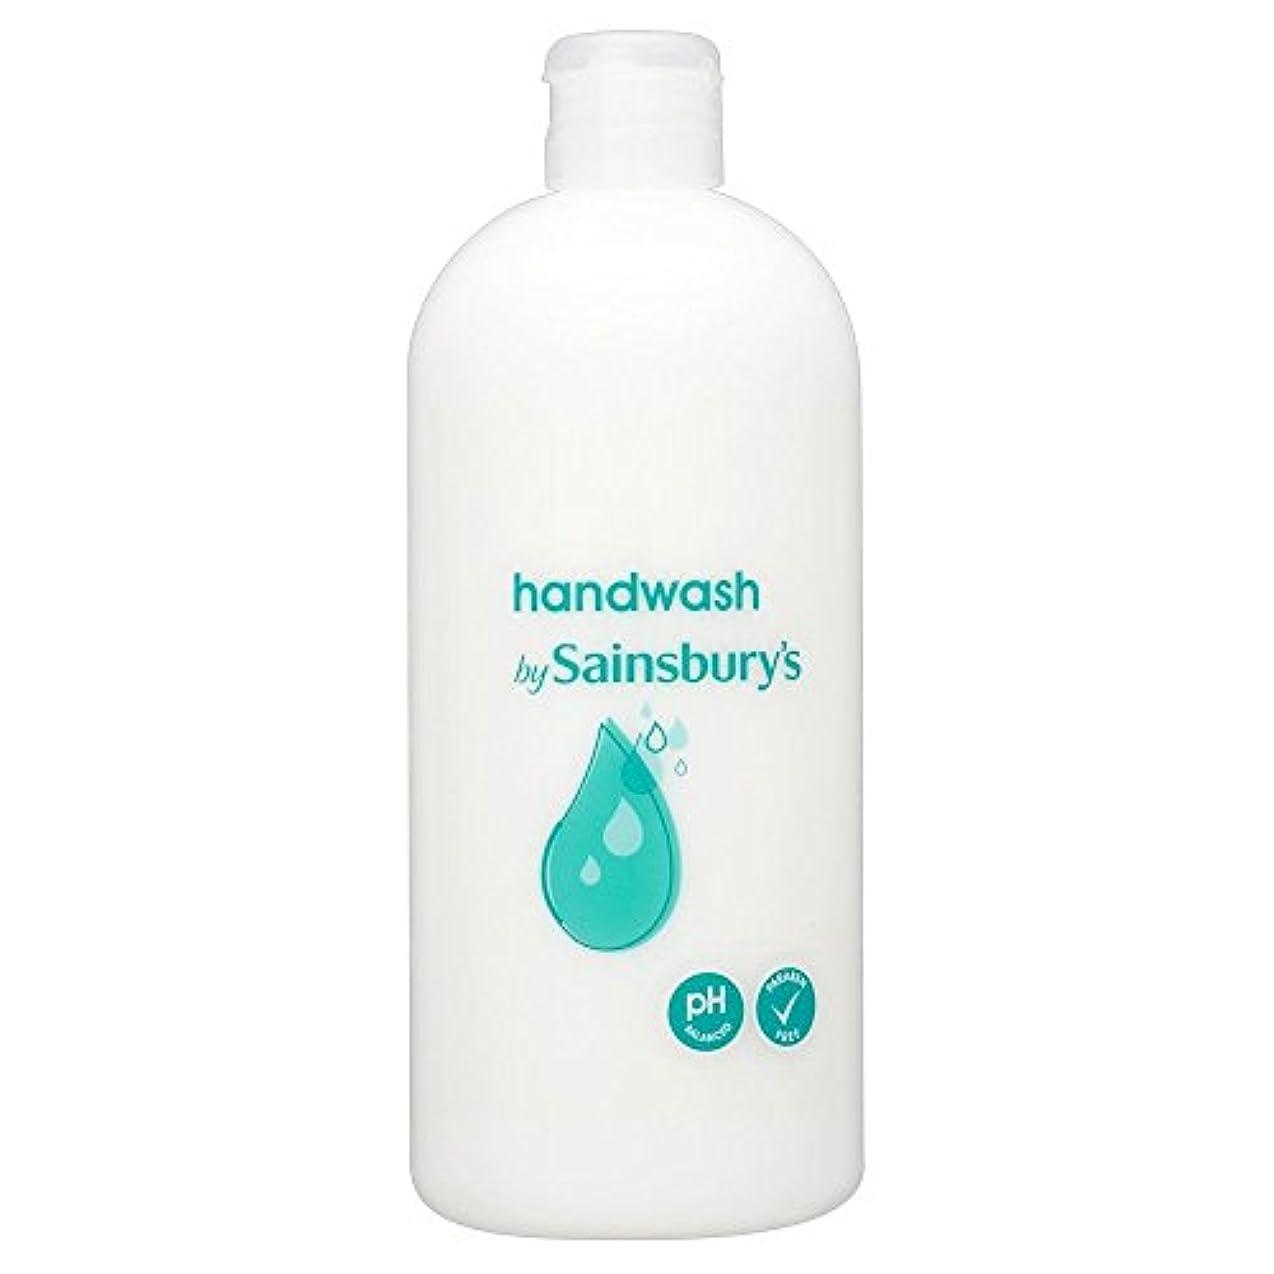 読む署名差Sainsbury's Handwash, White Refill 500ml - (Sainsbury's) 手洗い、白リフィル500ミリリットル [並行輸入品]